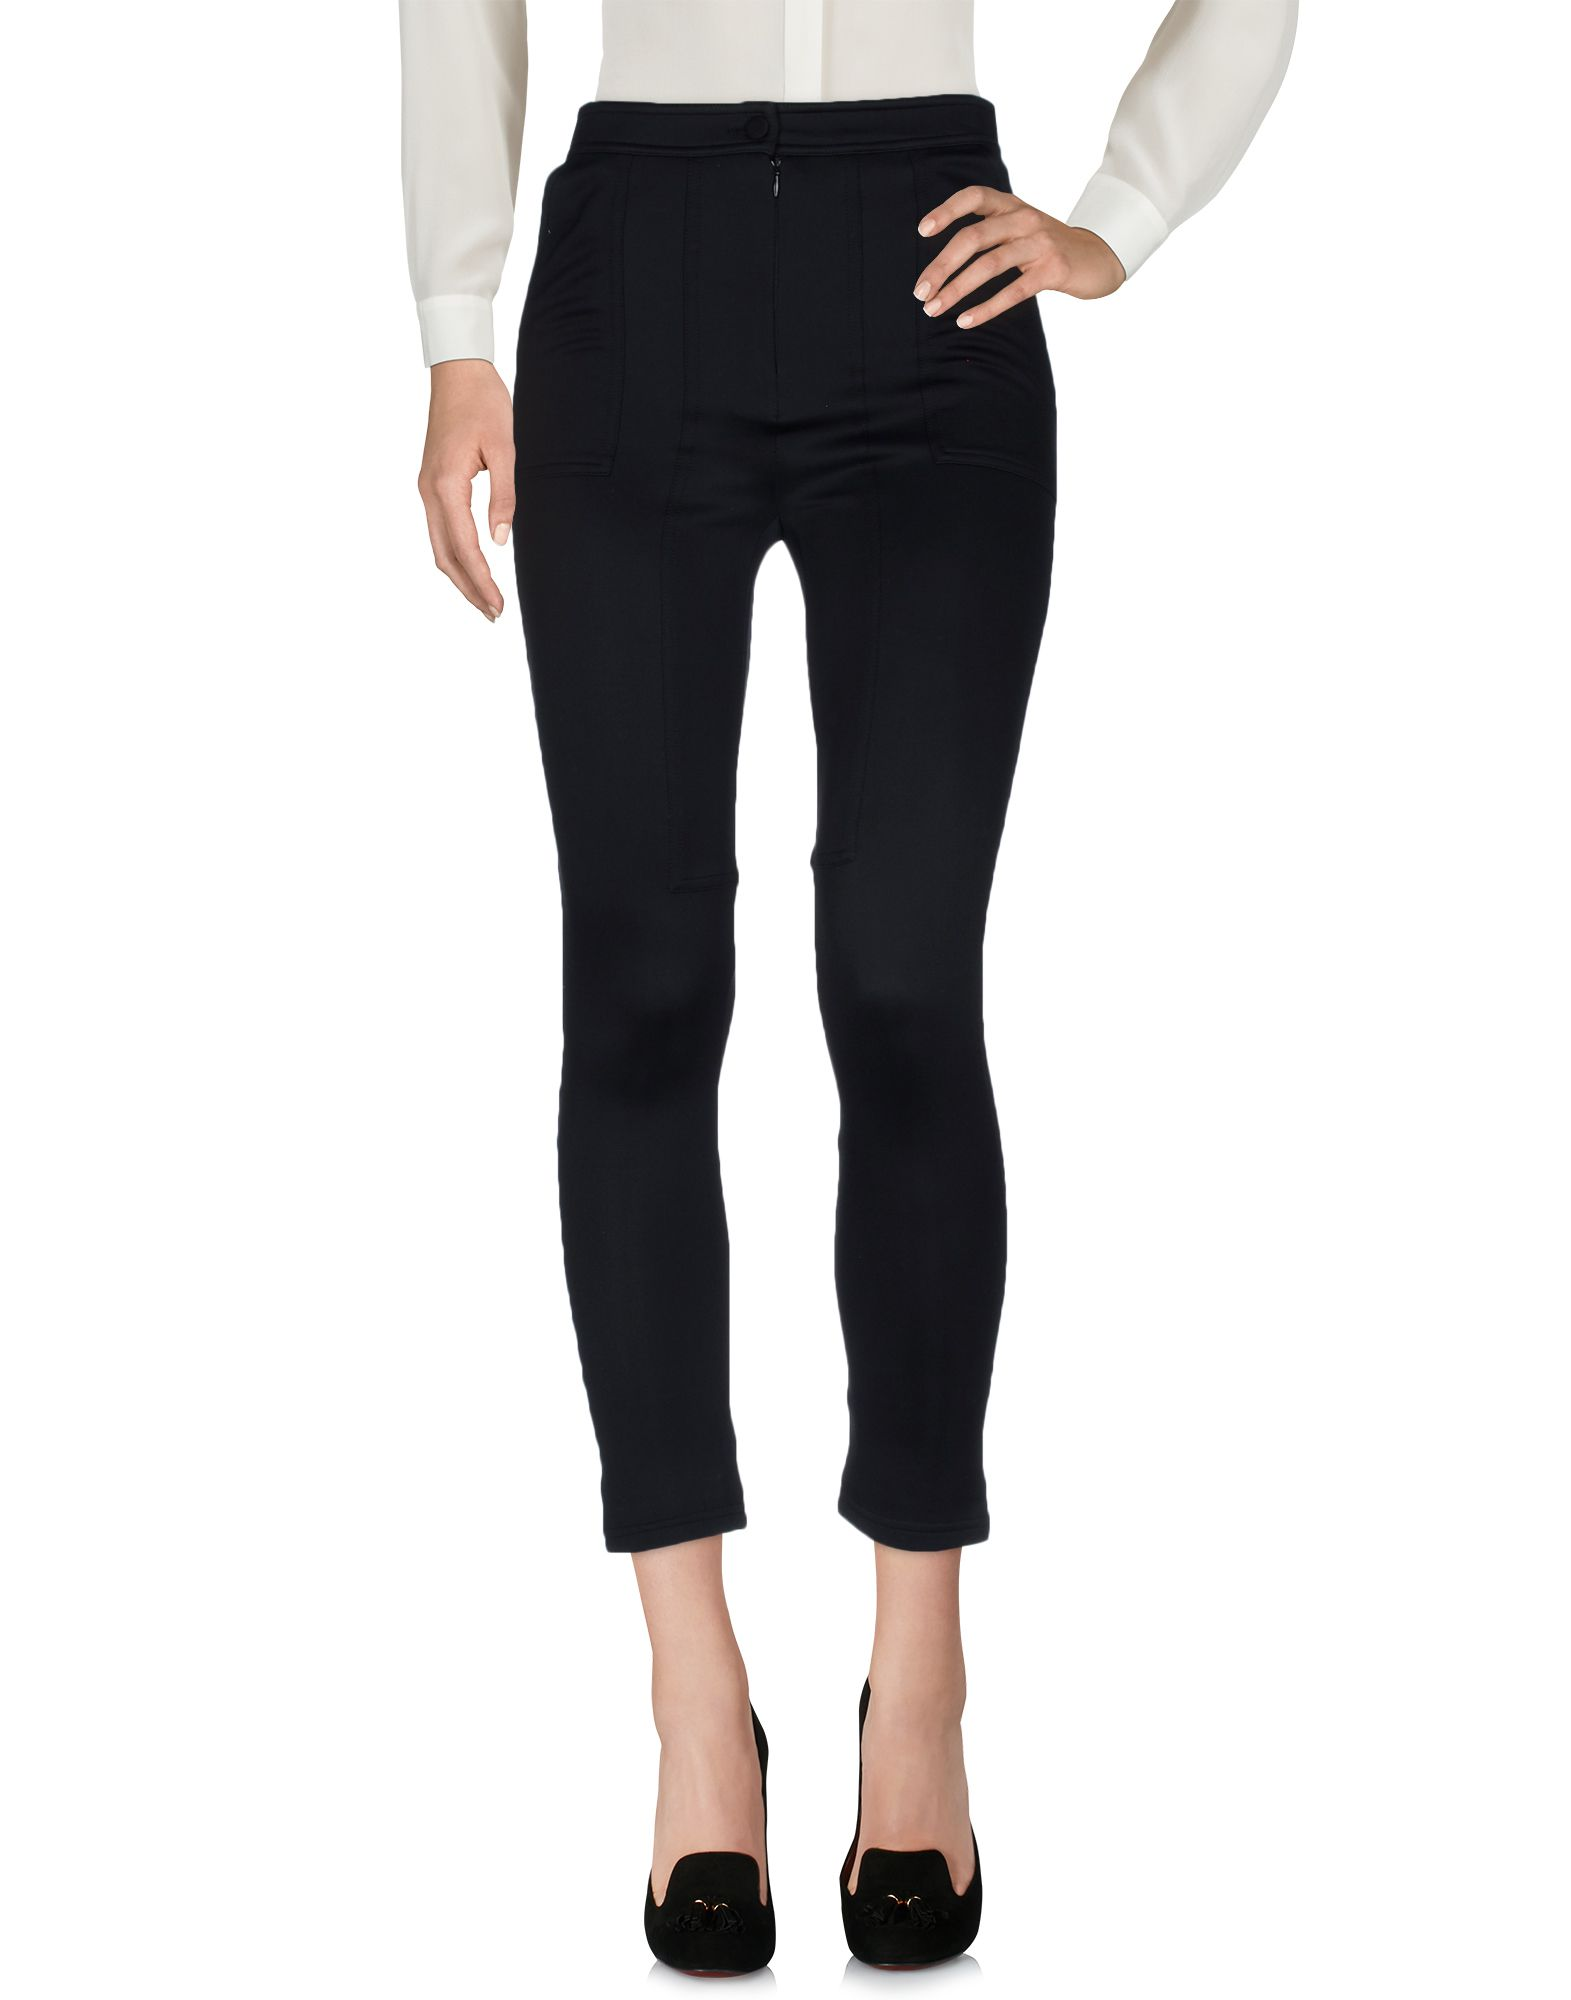 Pantalone Giorgio Armani Donna - Acquista online su yo9Fho92t